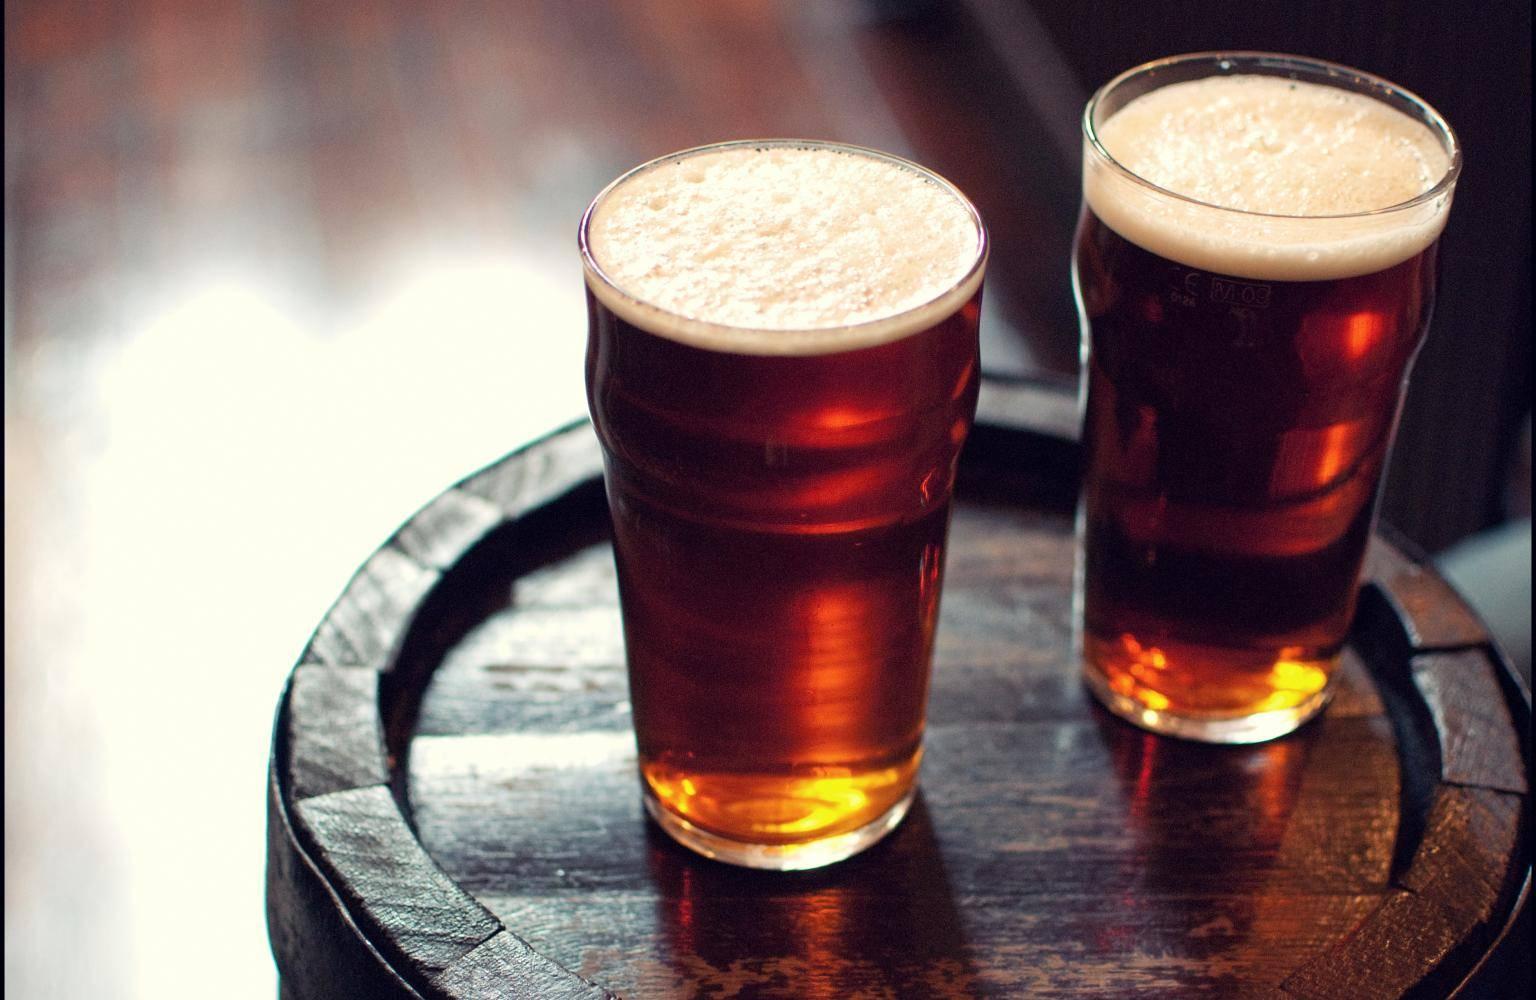 Пшеничное пиво: рецепт приготовления в домашних условиях, марки и советы по выбору производителя (115 фото + видео)